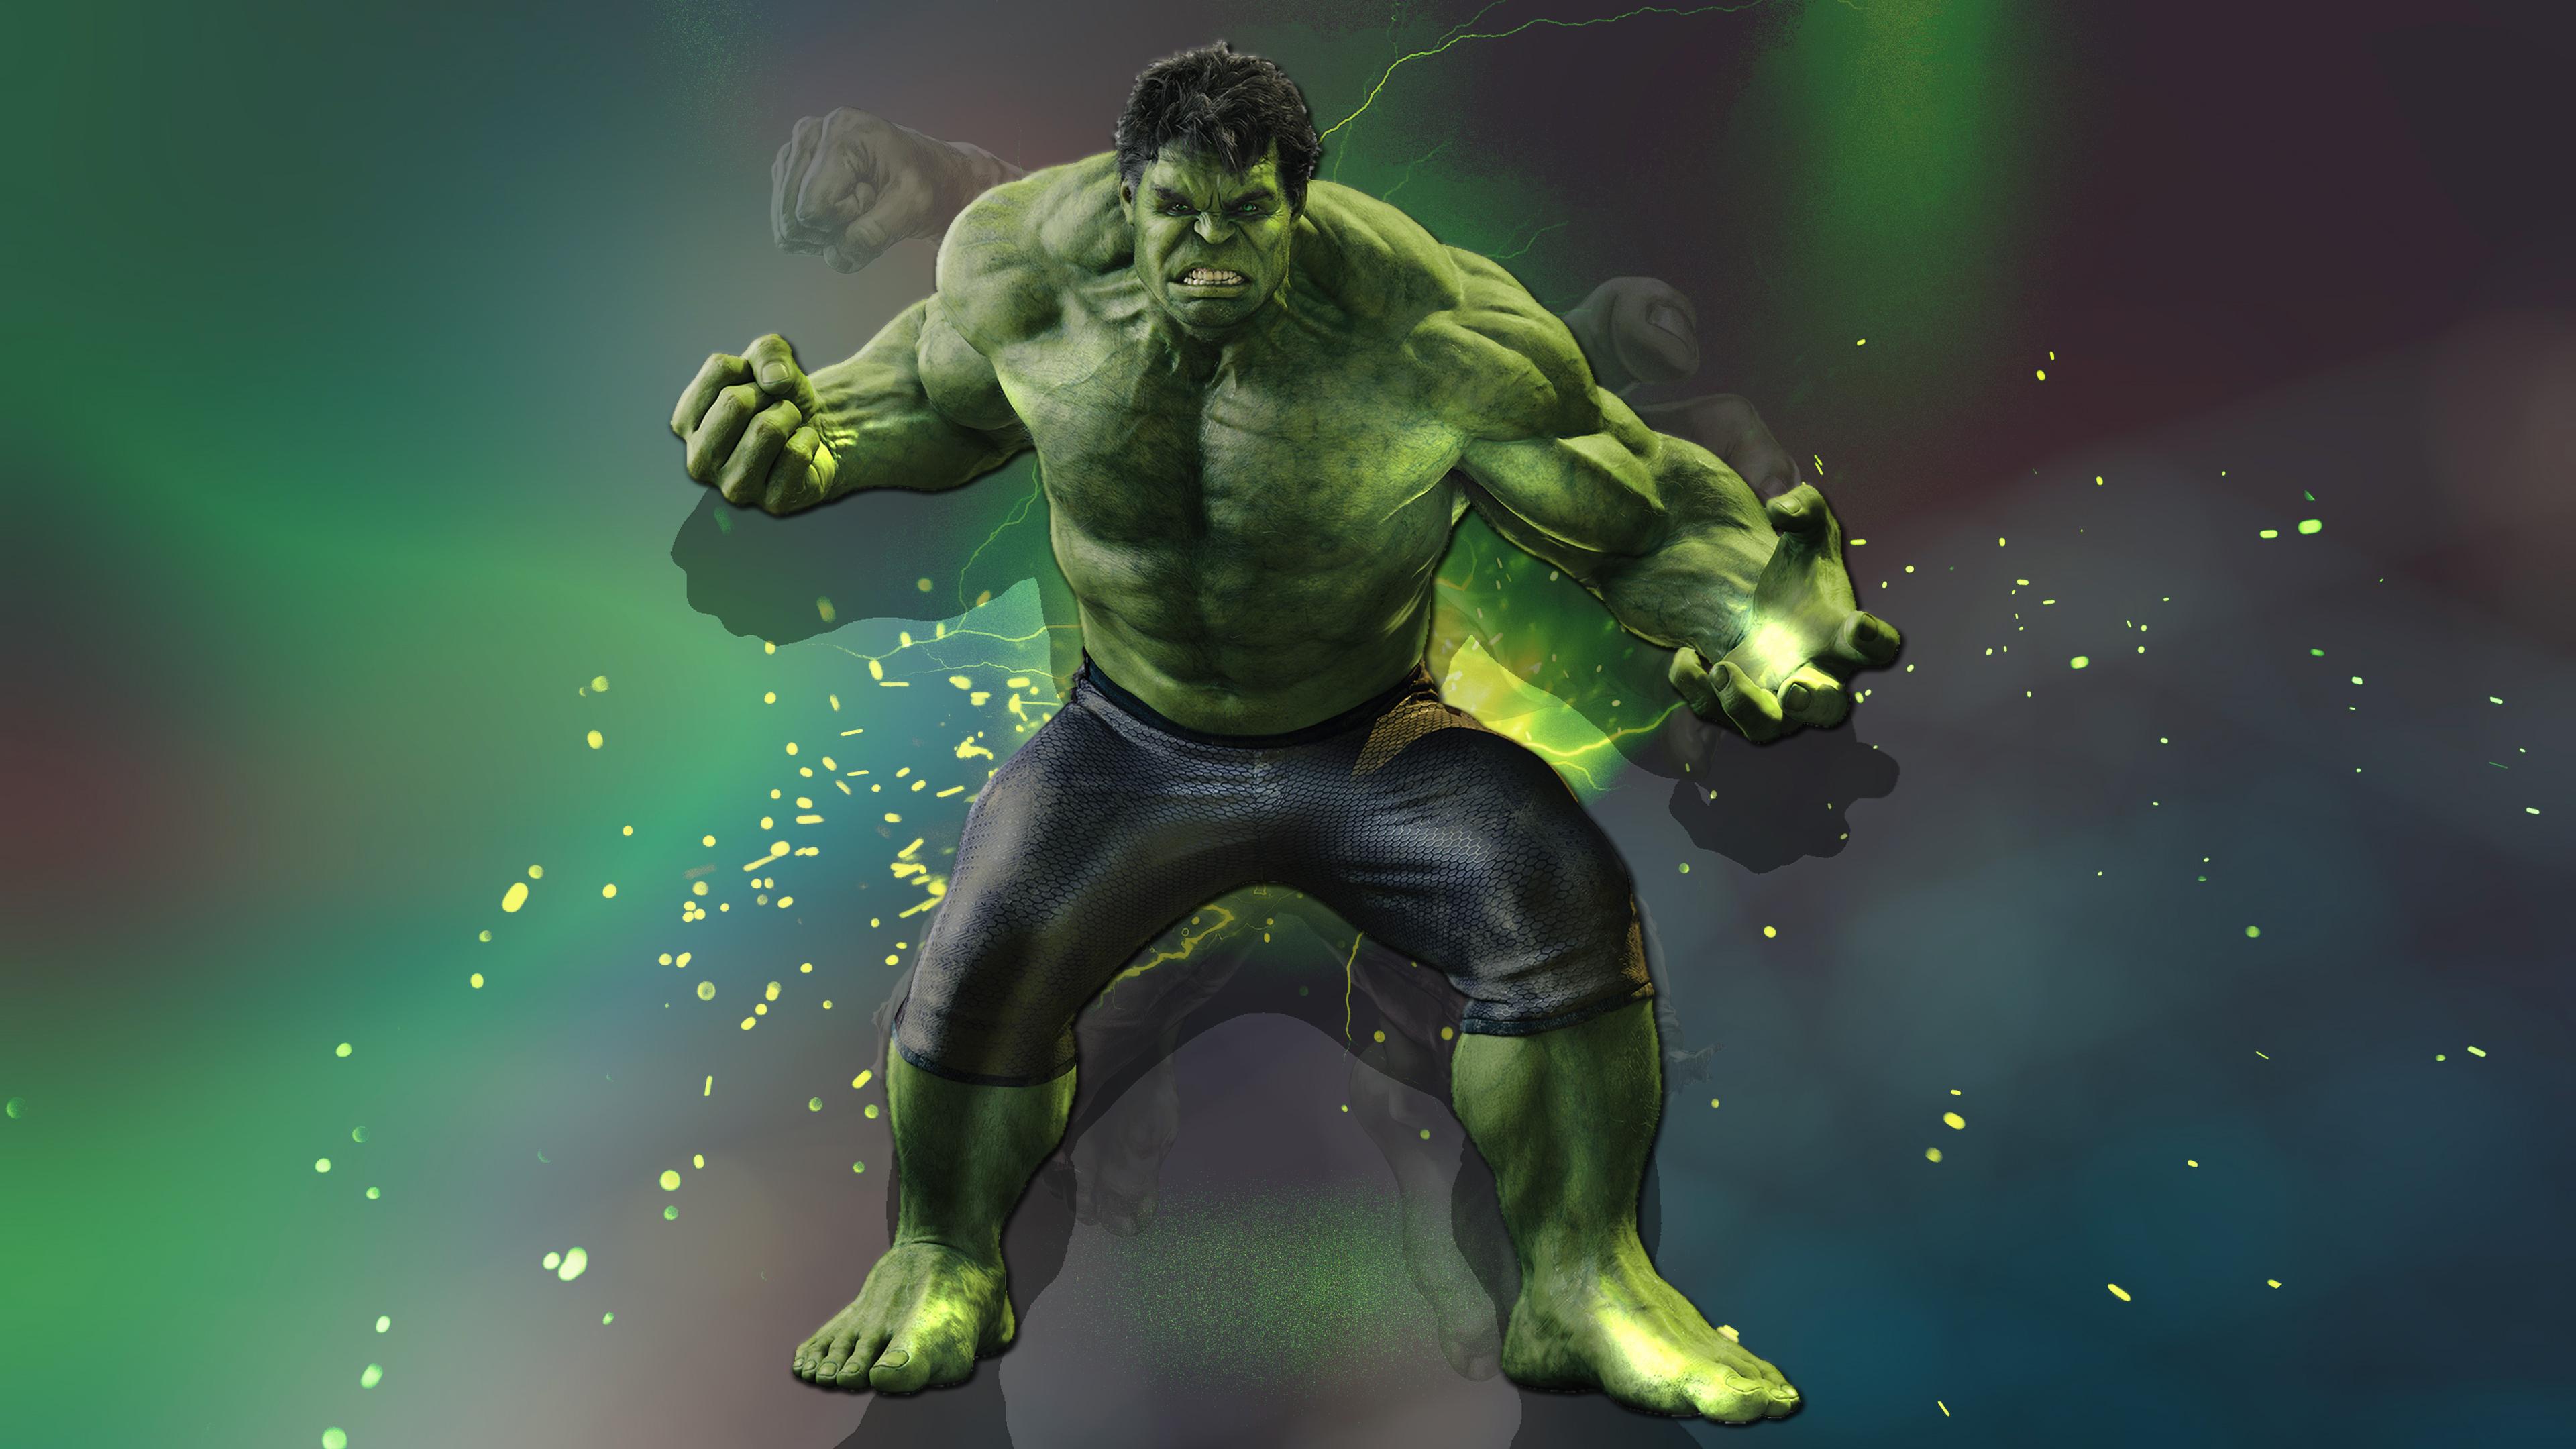 Imagenes De Hulk 4k 2947509 Hd Wallpaper Backgrounds Download